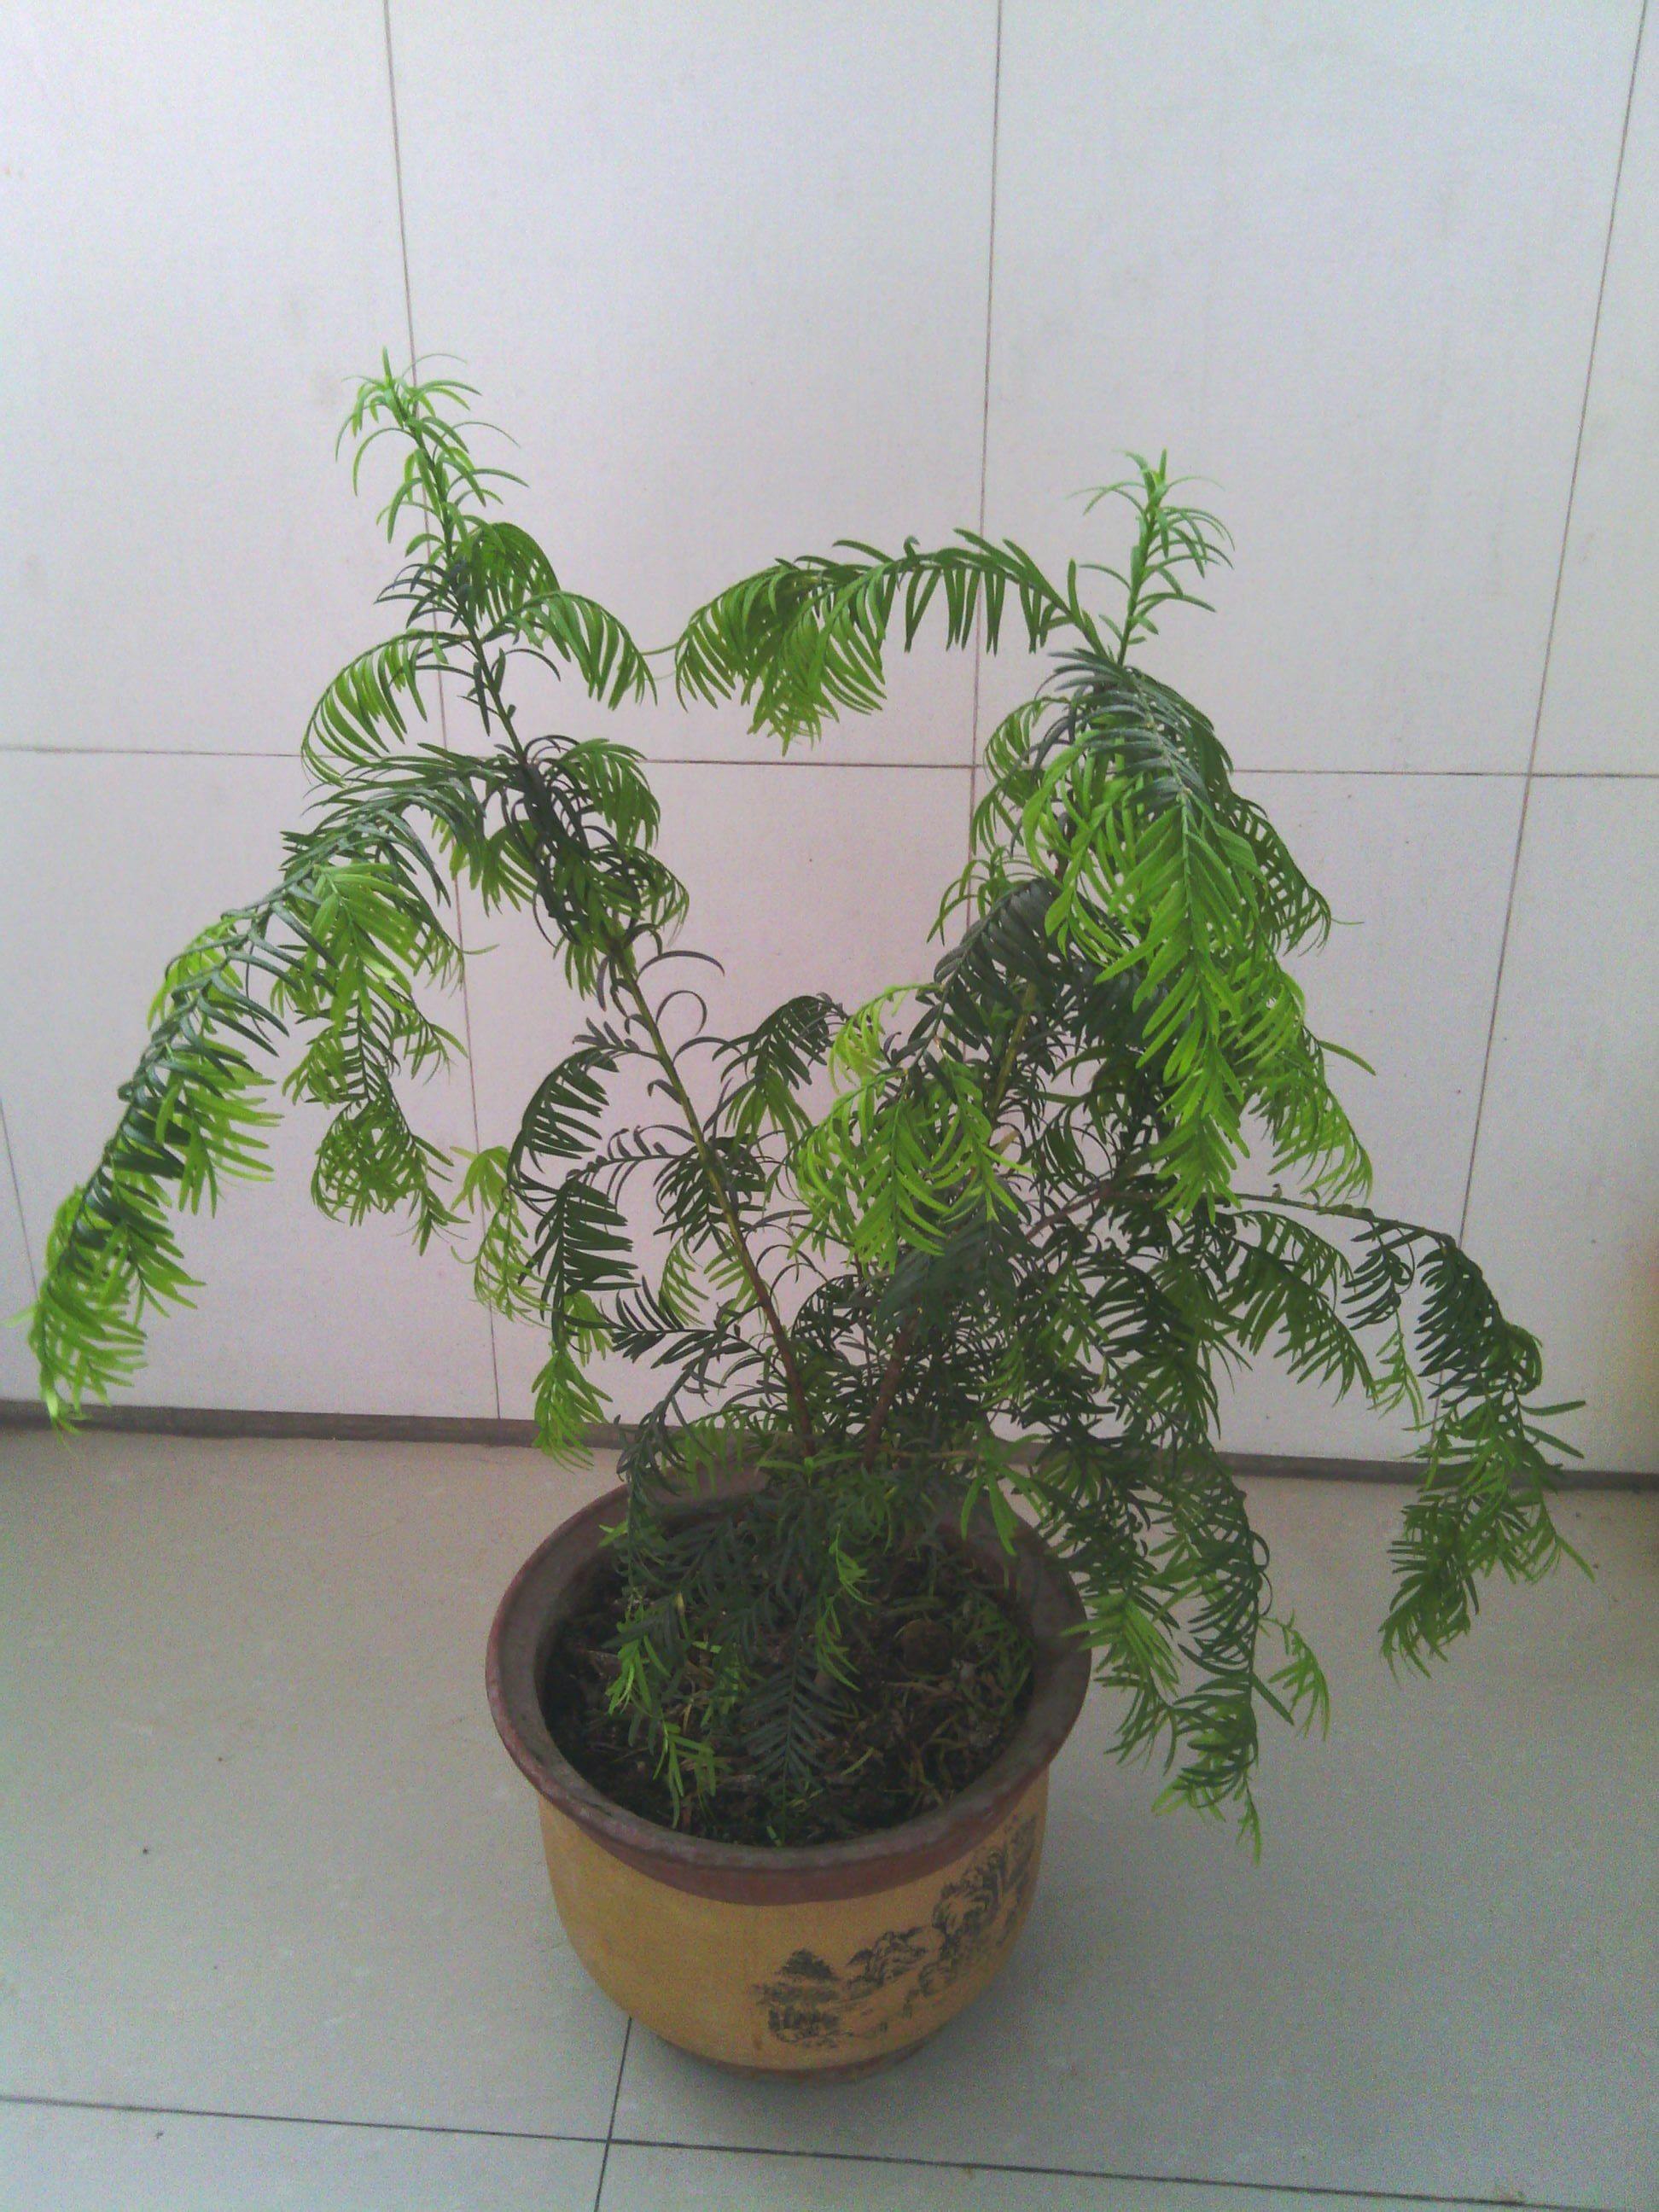 我的红豆杉应该怎样修剪?图片